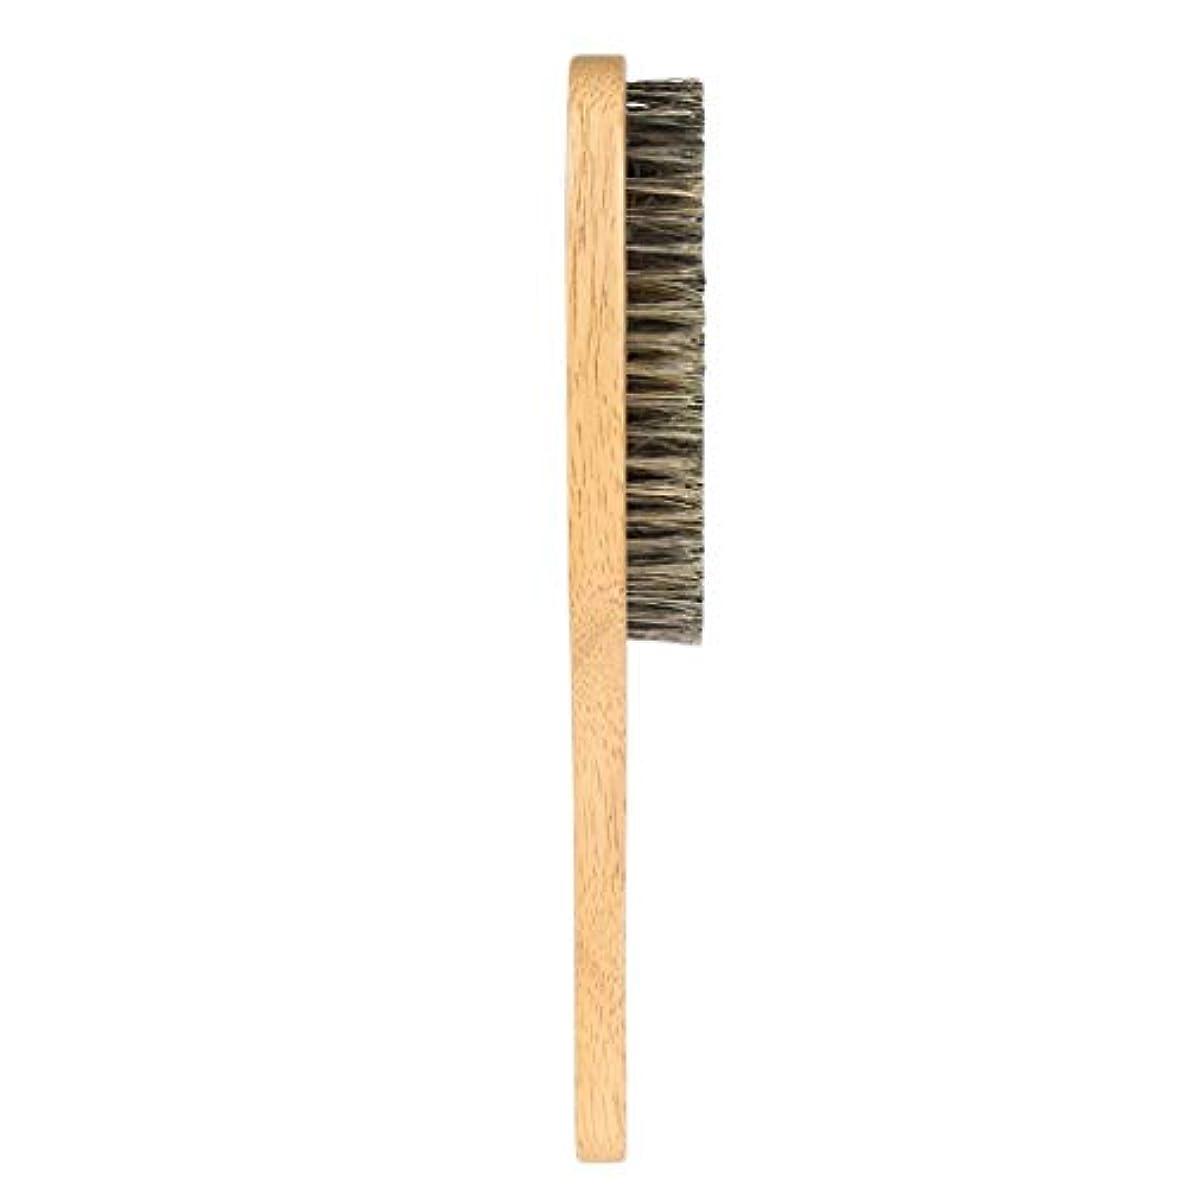 ペレット多年生民兵Toygogo 男性合成繊維ひげ口ひげブラシ顔毛シェービングブラシw/ハンドル